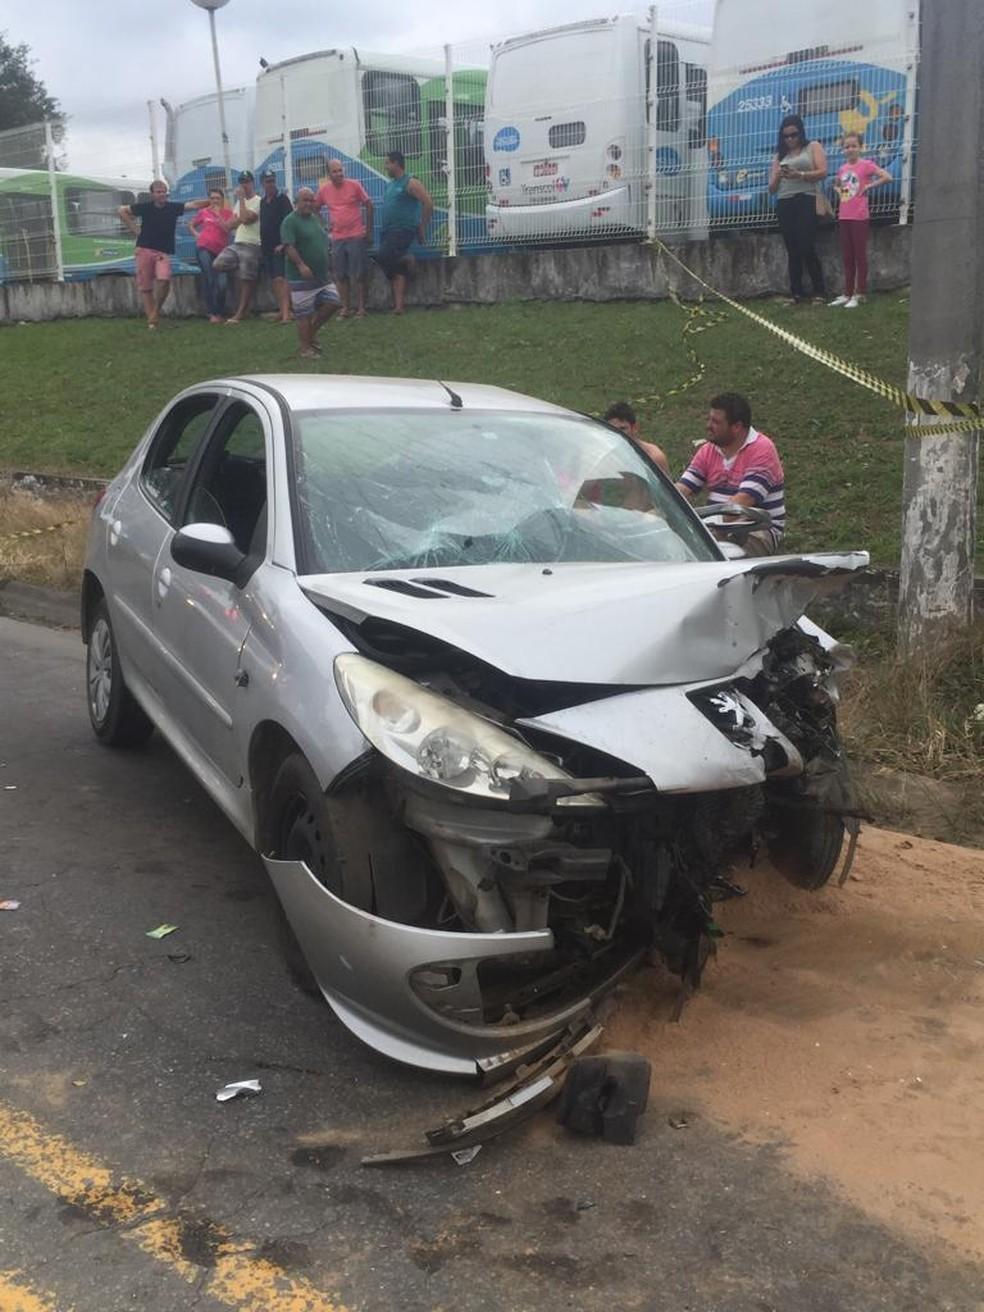 Acidente na rodovia José Sette, em Cariacica, aconteceu neste domingo (14) — Foto: Eliana Gorritti/ TV Gazeta